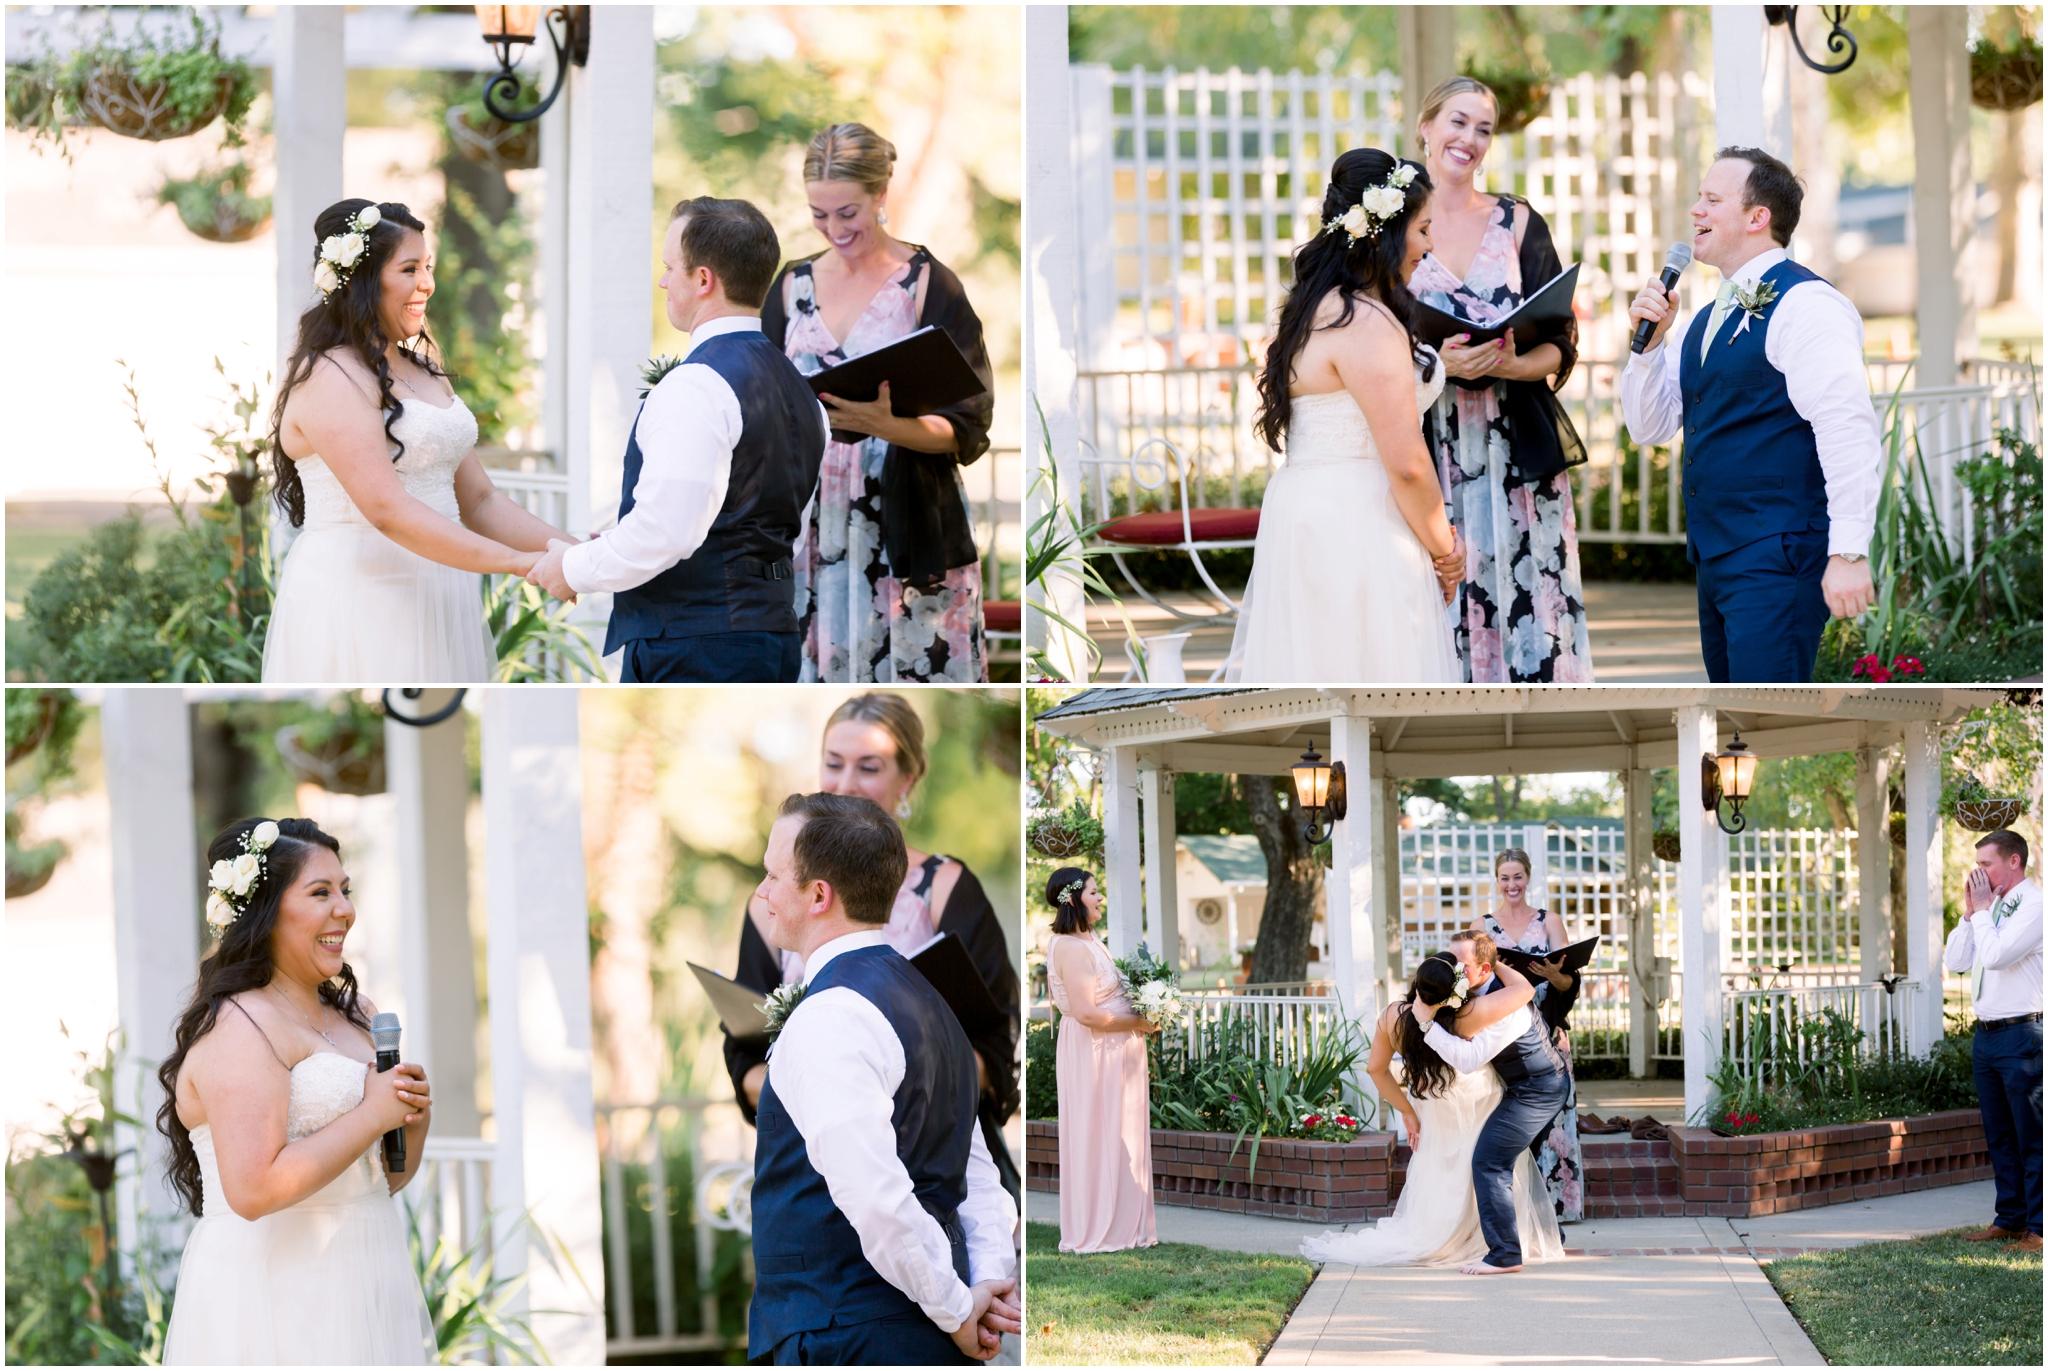 karla_spencer_wedding_blog_0011.jpg